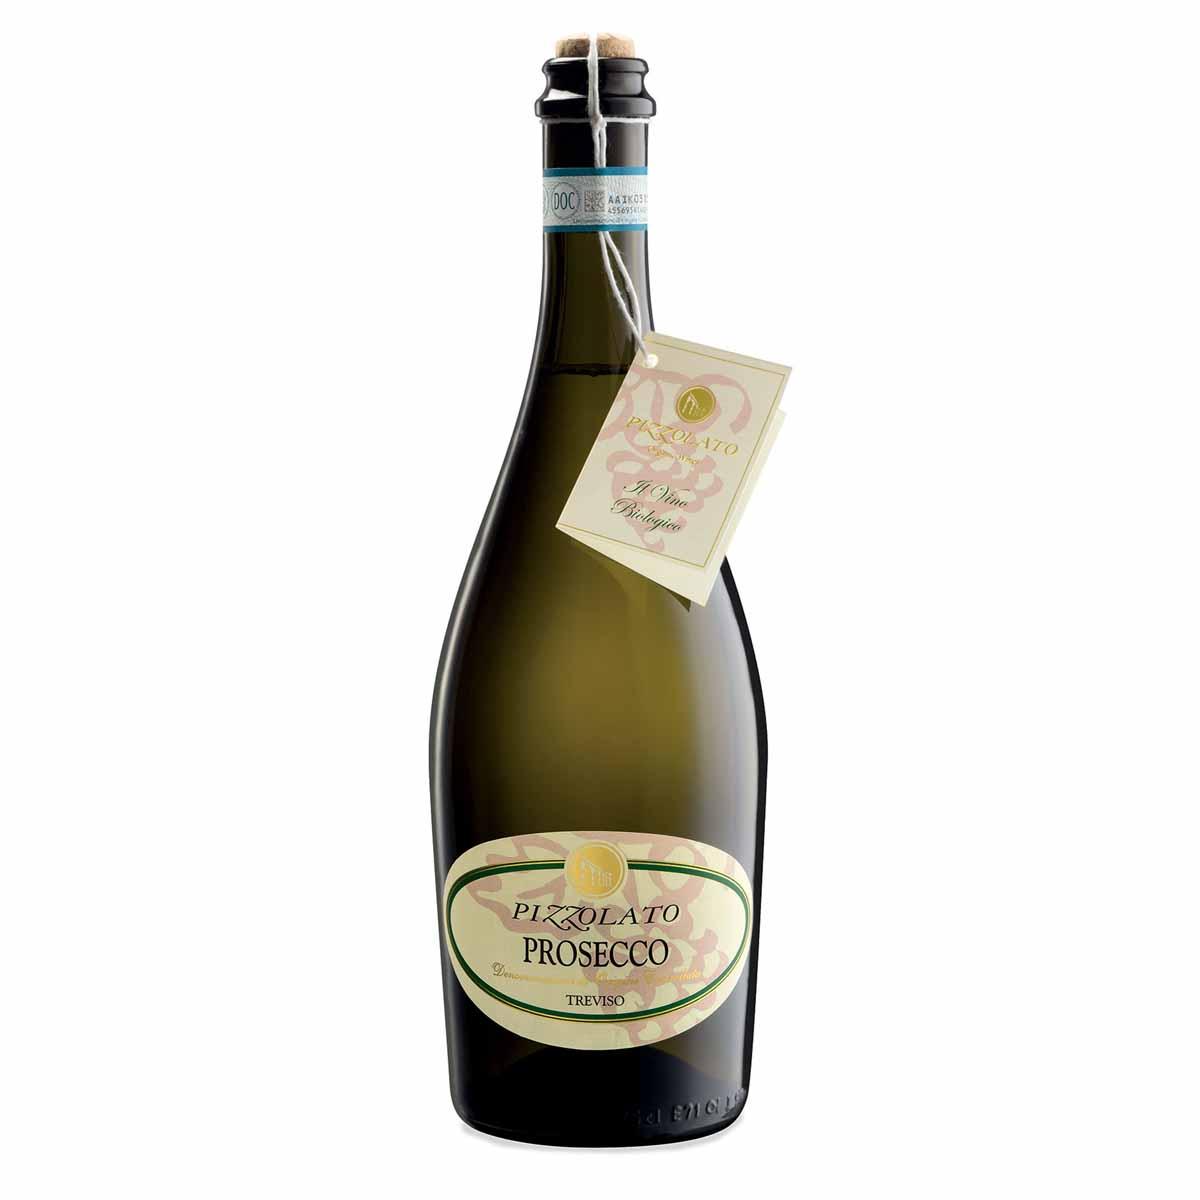 Pizzolato Vino bianco Prosecco doc Treviso vino frizzante